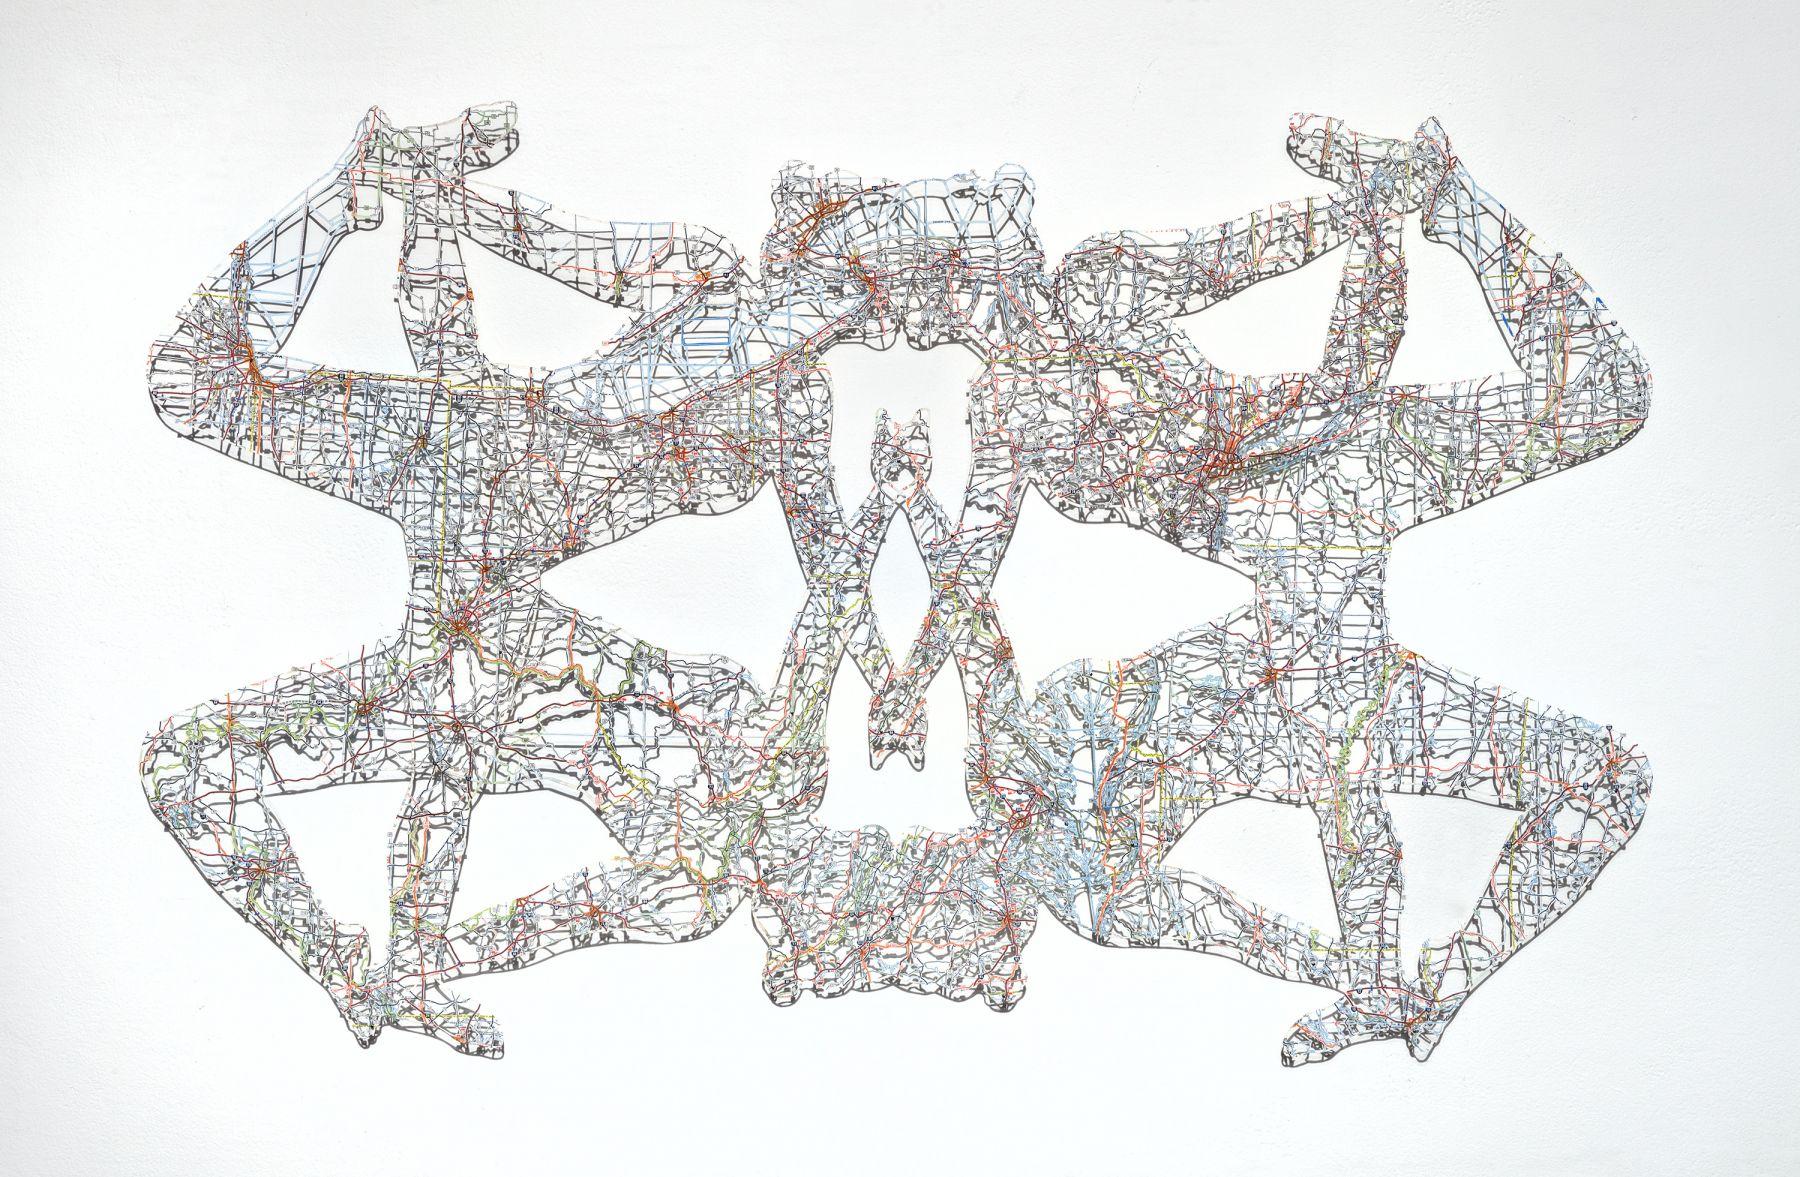 NIKKI ROSATO Untitled (Object) VIII, 2017